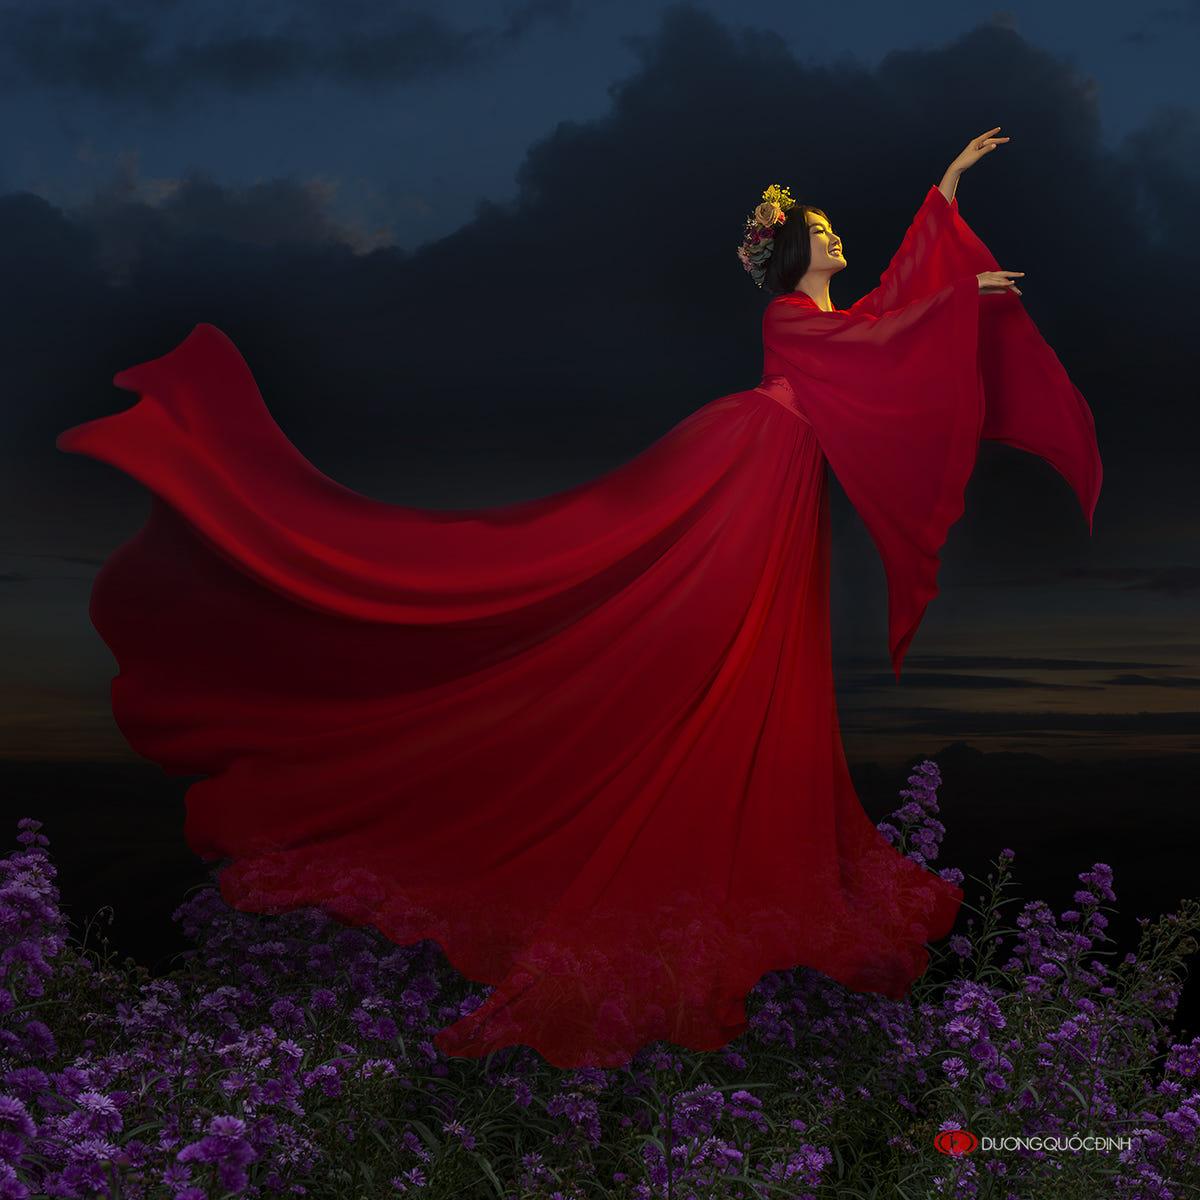 Фото Девушка в красном платье и венке на голове стоит в поле цветов. Фотограф Duong Quoc Dinh